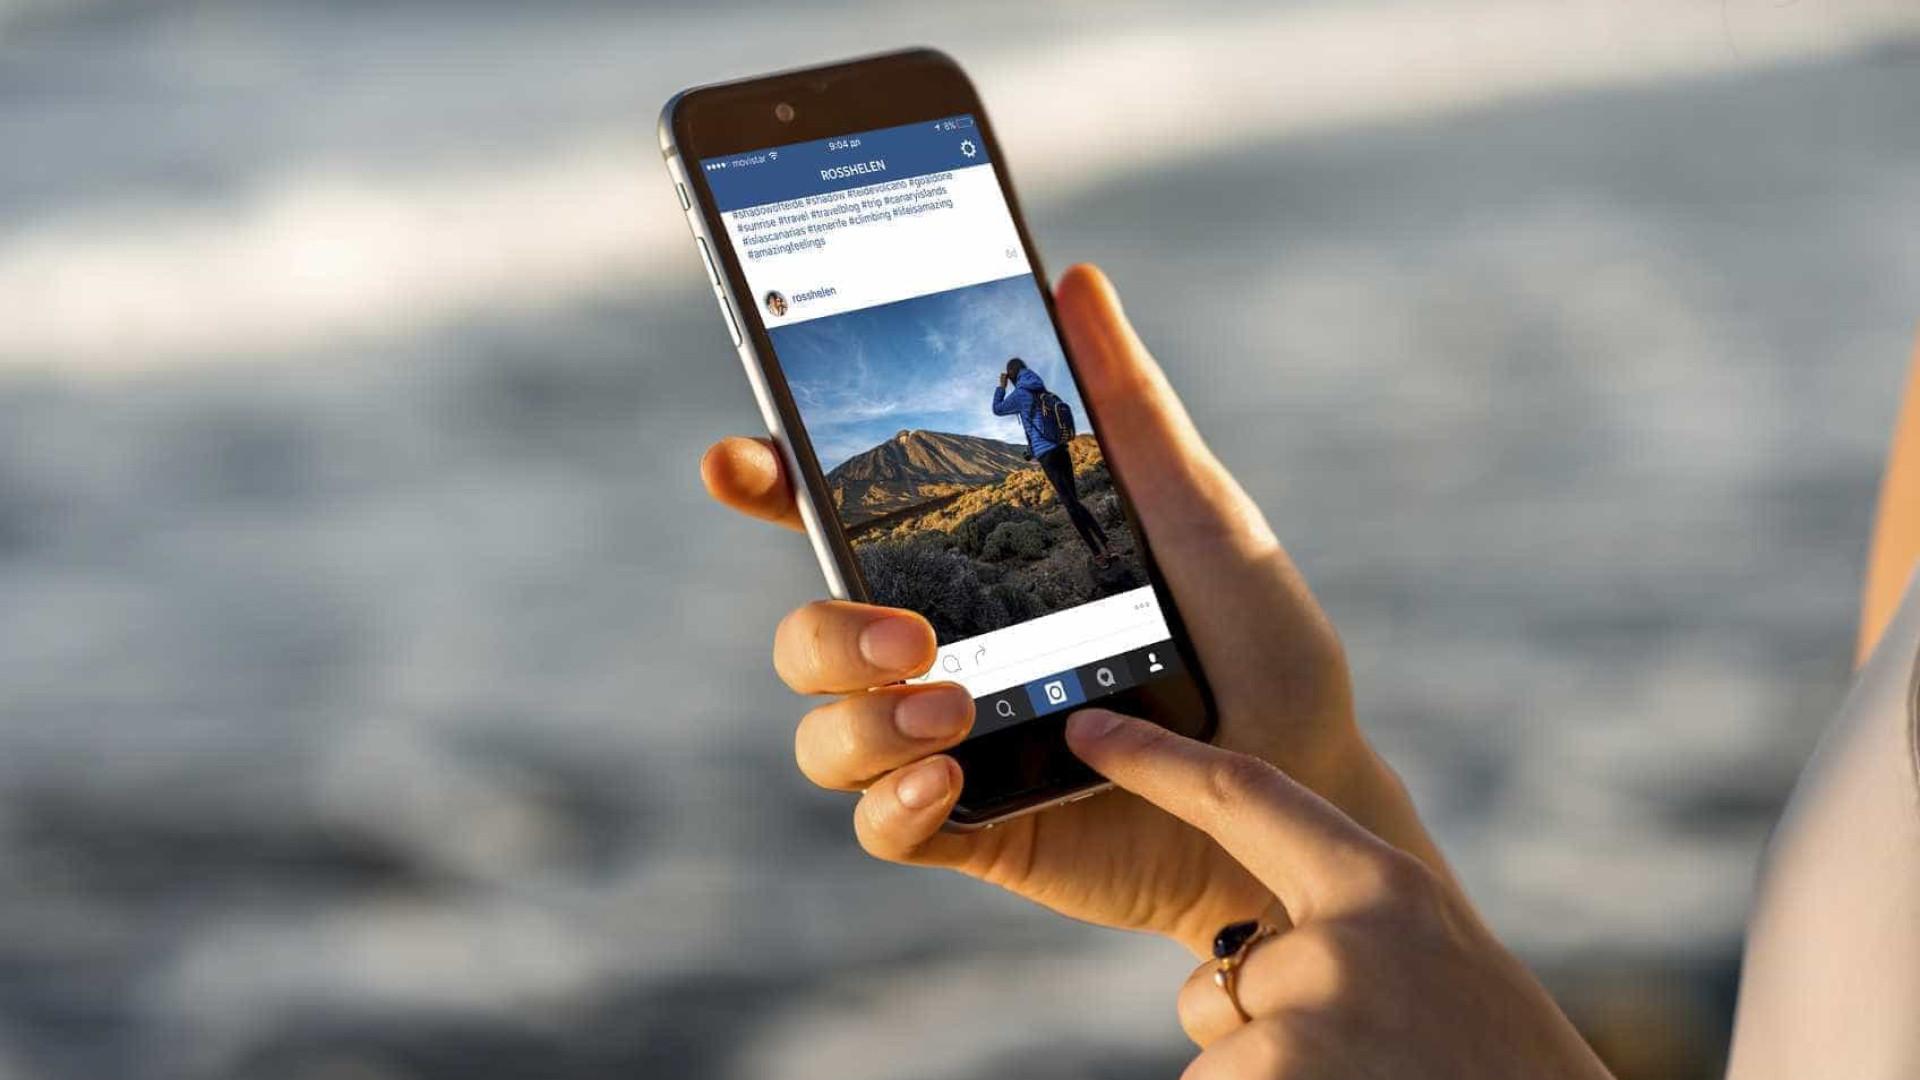 Stories ganham mais relevância dentro do Instagram